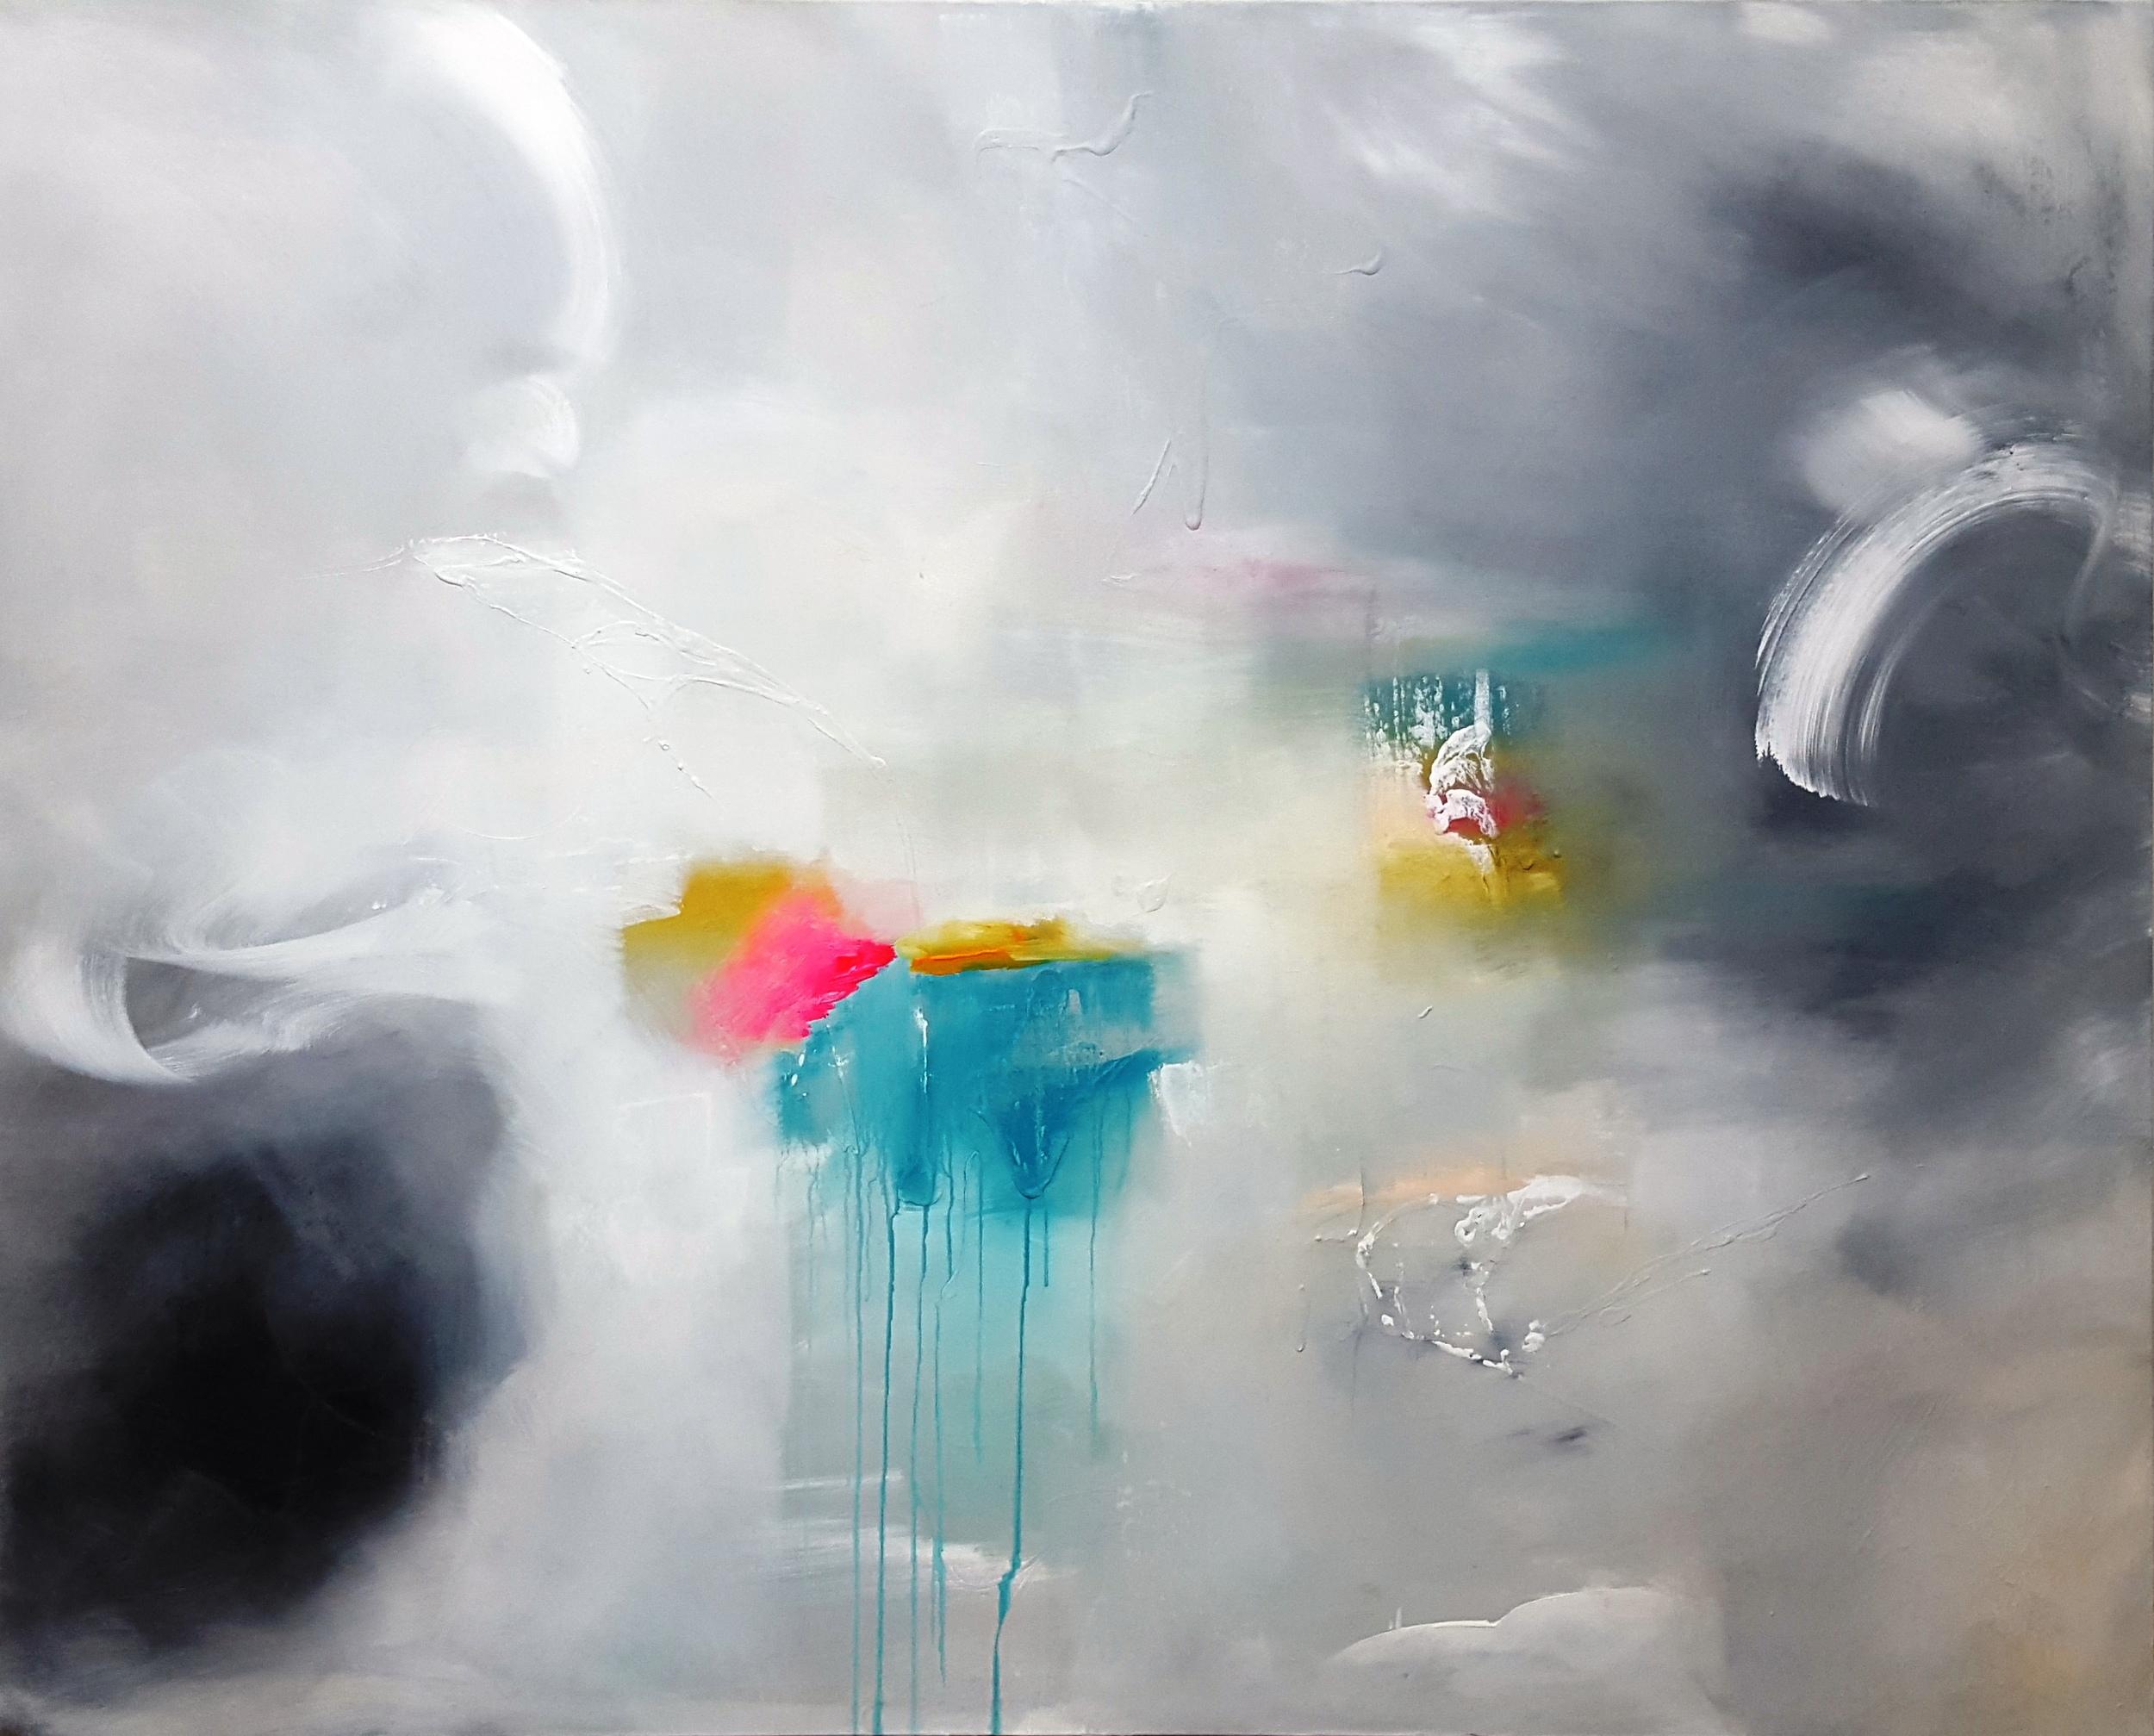 Tears   2016 acrylic on canvas 150cm x 120cm